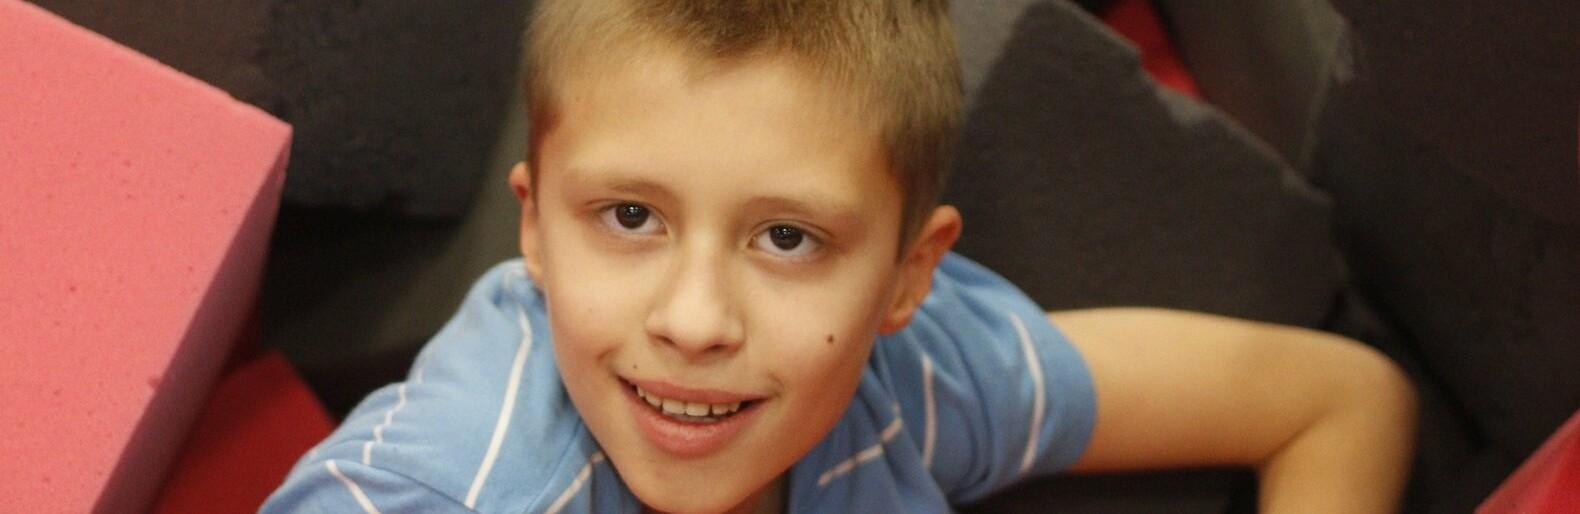 Мальчику из Азова нужна помощь для приобретения дорогого препарата